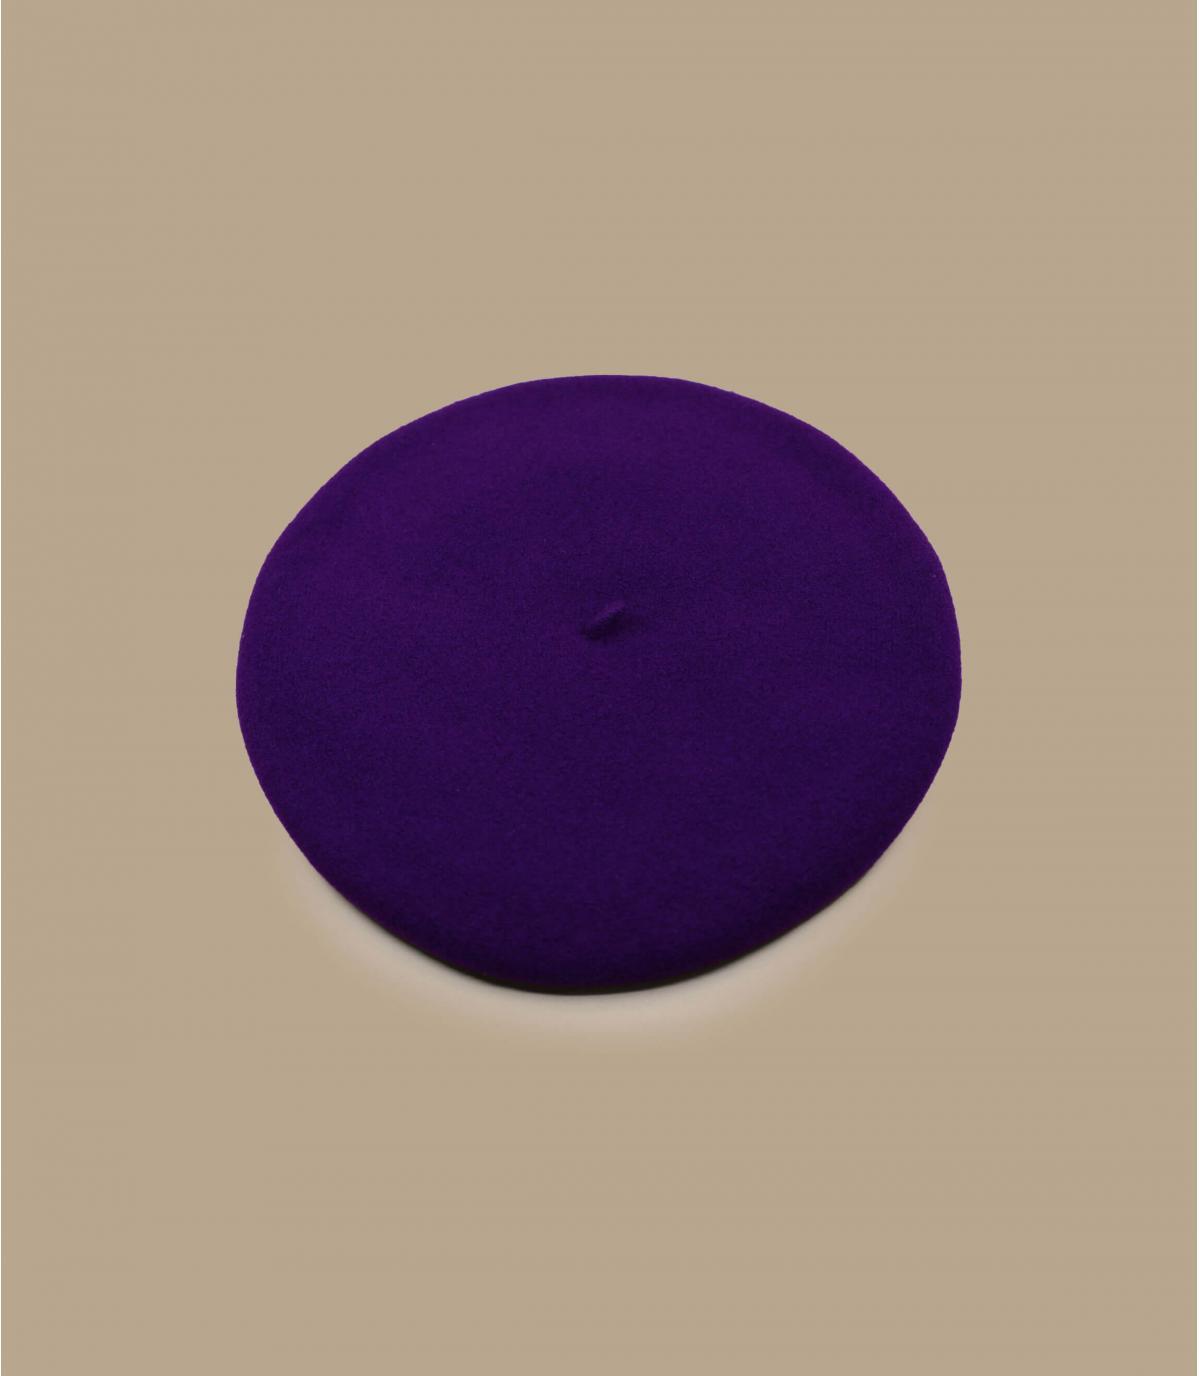 Détails Authentique purple - image 2